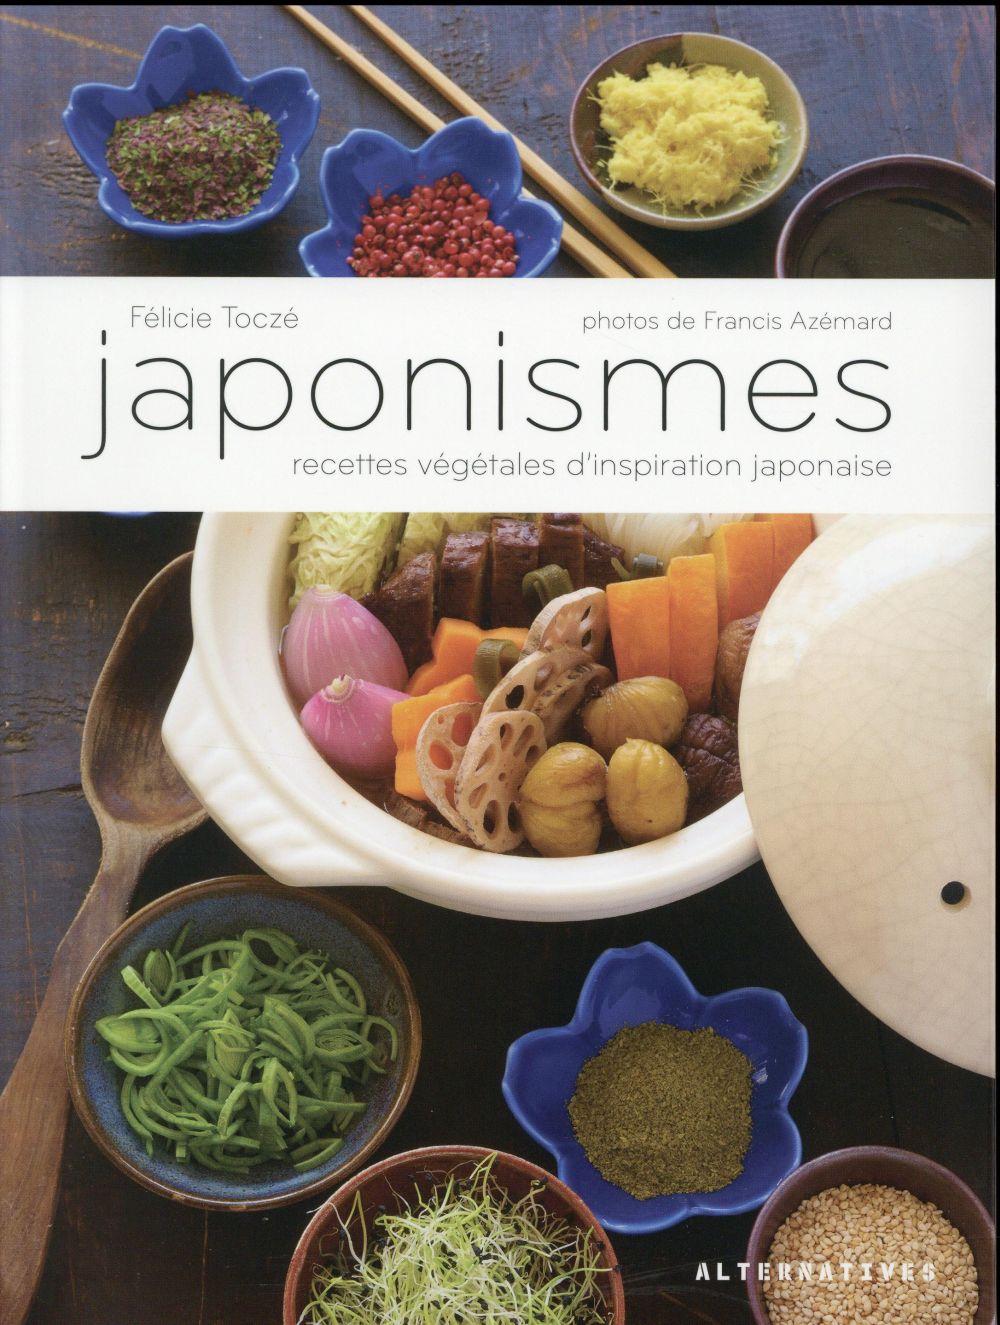 Japonismes - recettes vegetales d'inspiration japonaise